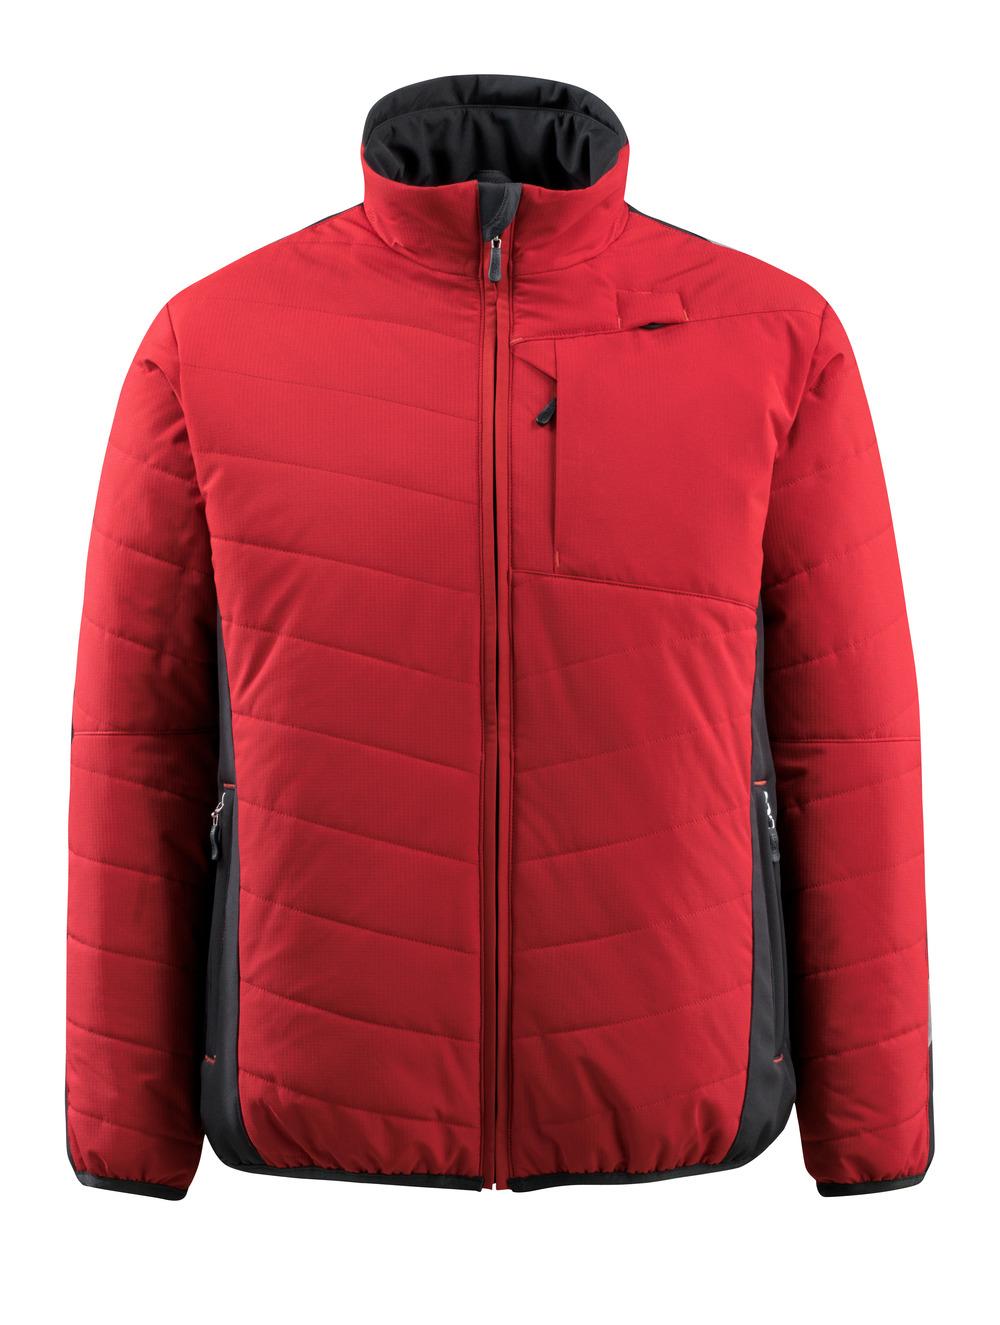 15615-249-0209 Termojakke - rød/sort